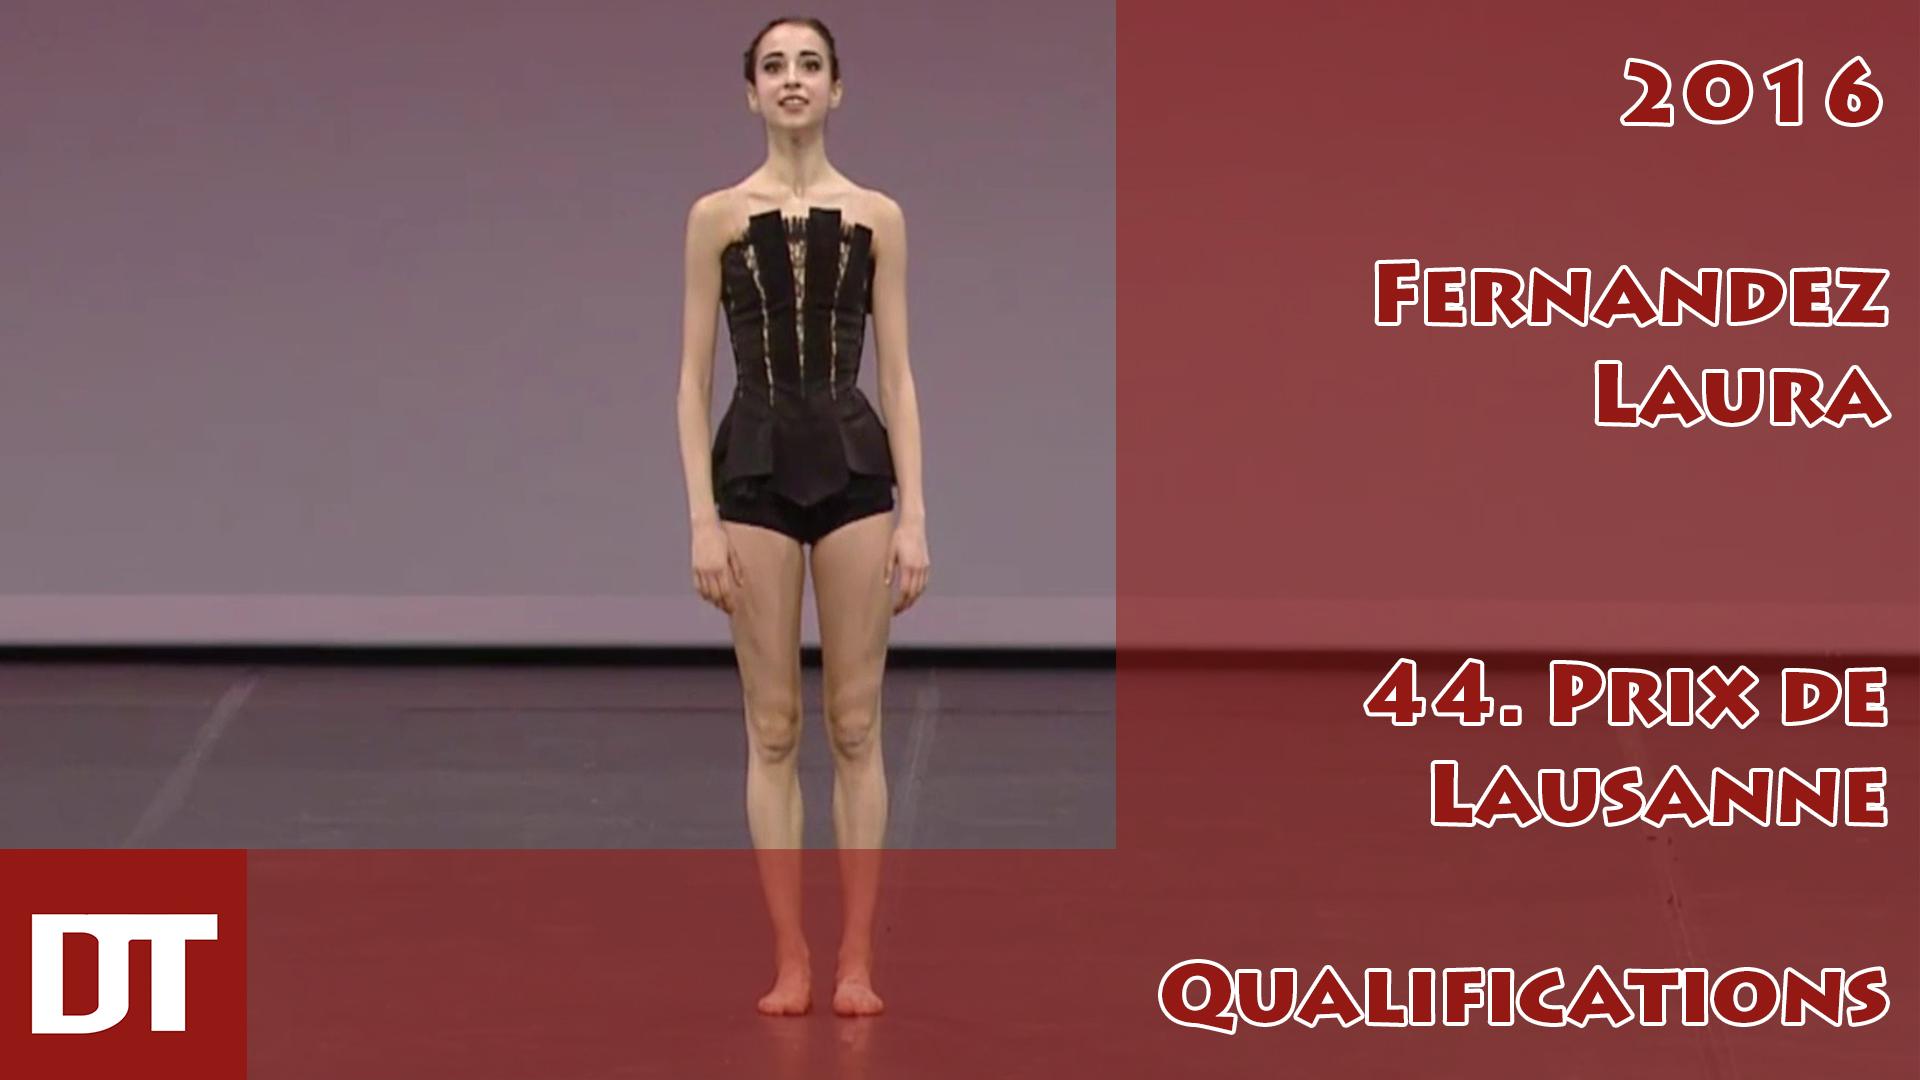 2016 – Fernandez Laura – 44. Prix de Lausanne – Qualifications